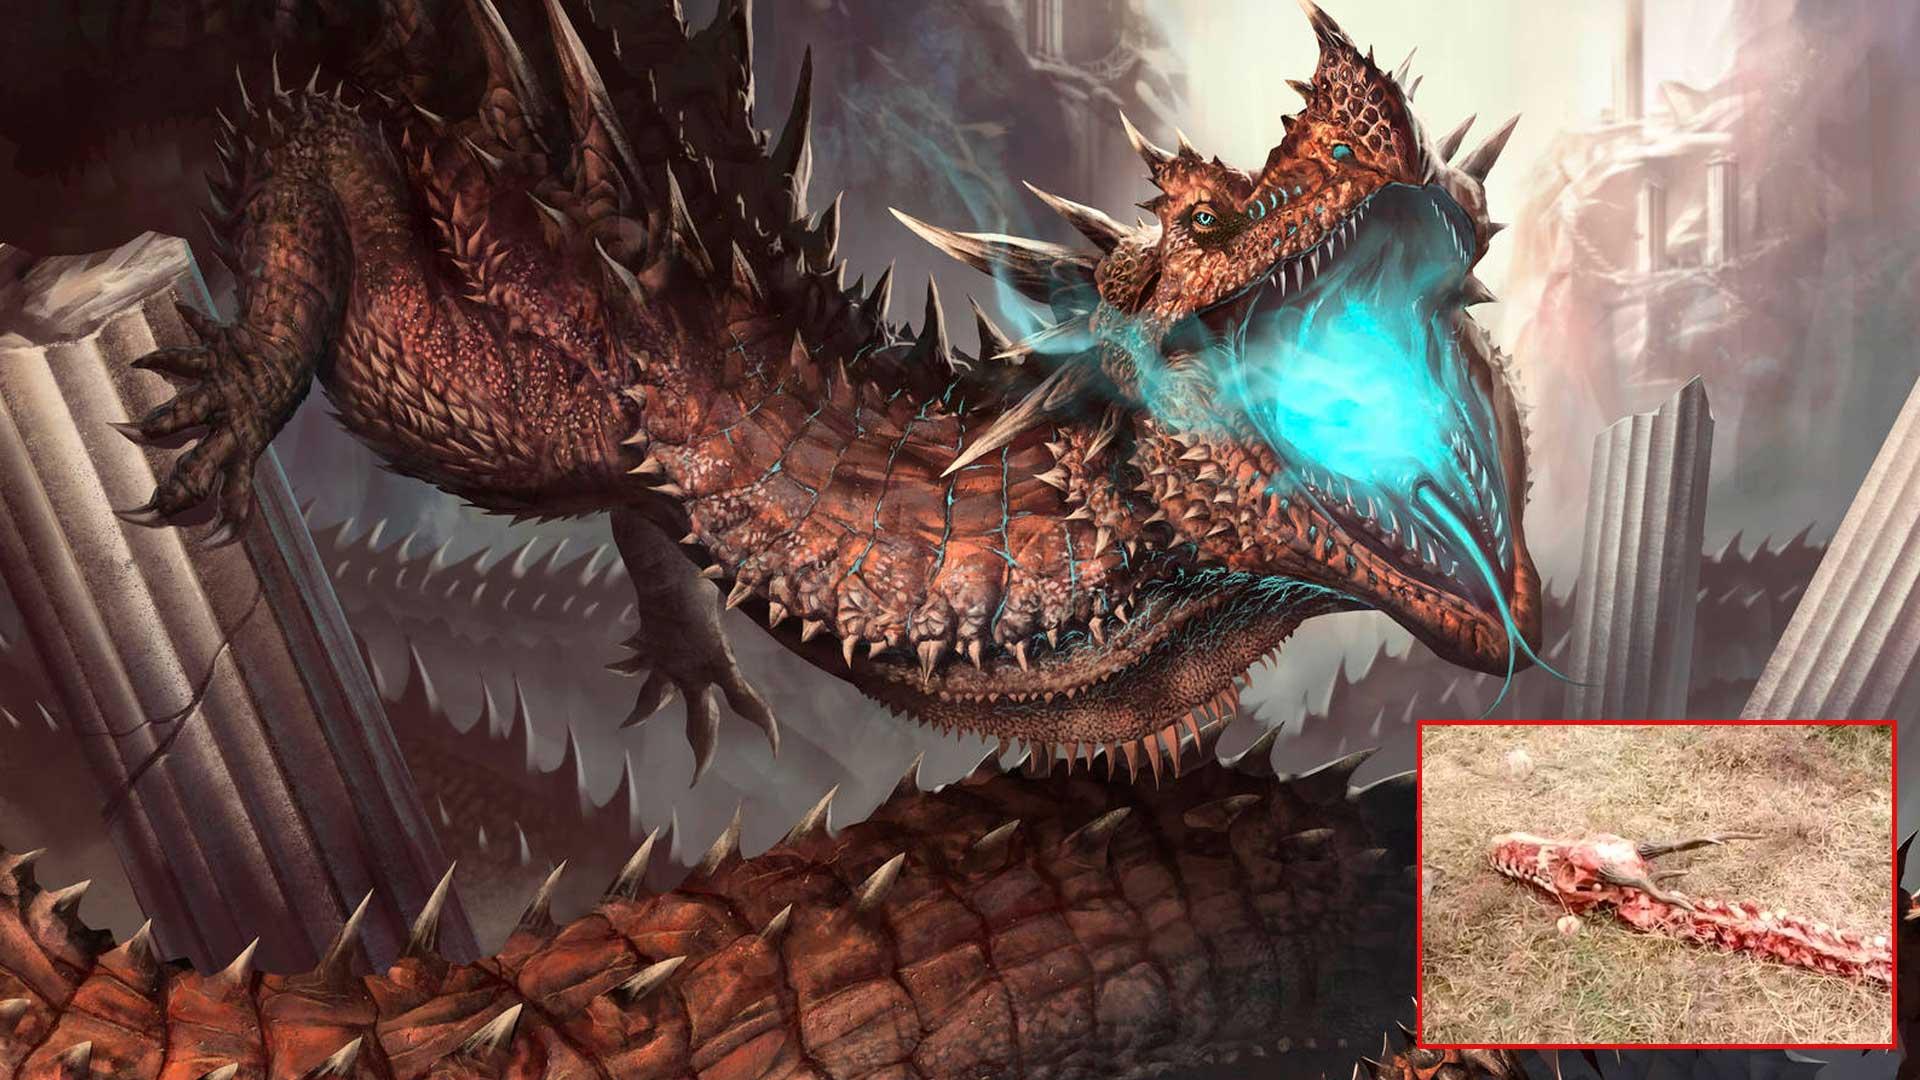 Esqueleto de dragón de 18 metros descubierto en China, ¿real o fake?